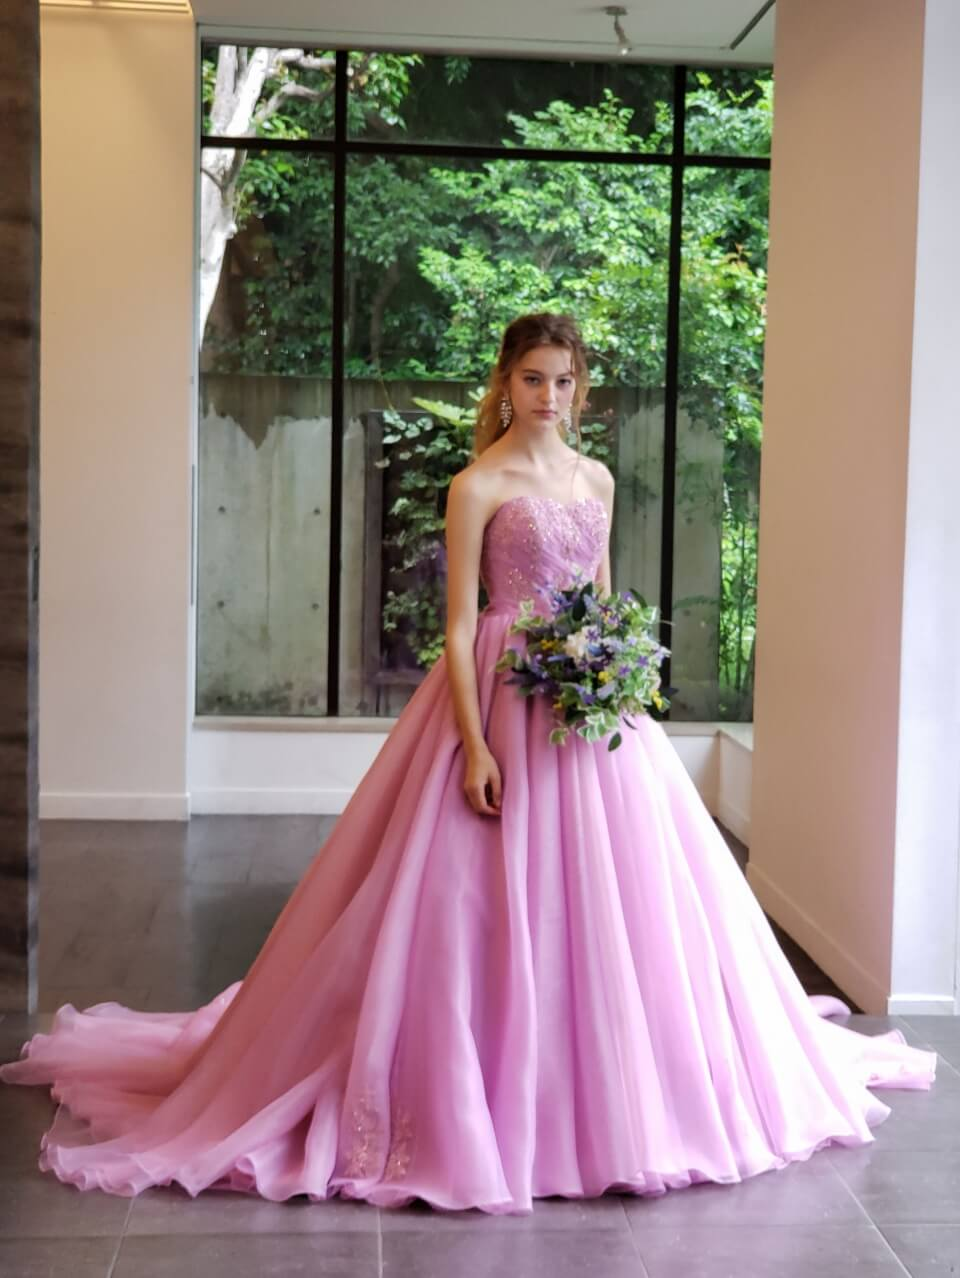 2着セット割引がお得なウェディングドレス・カラードレスフェア♪